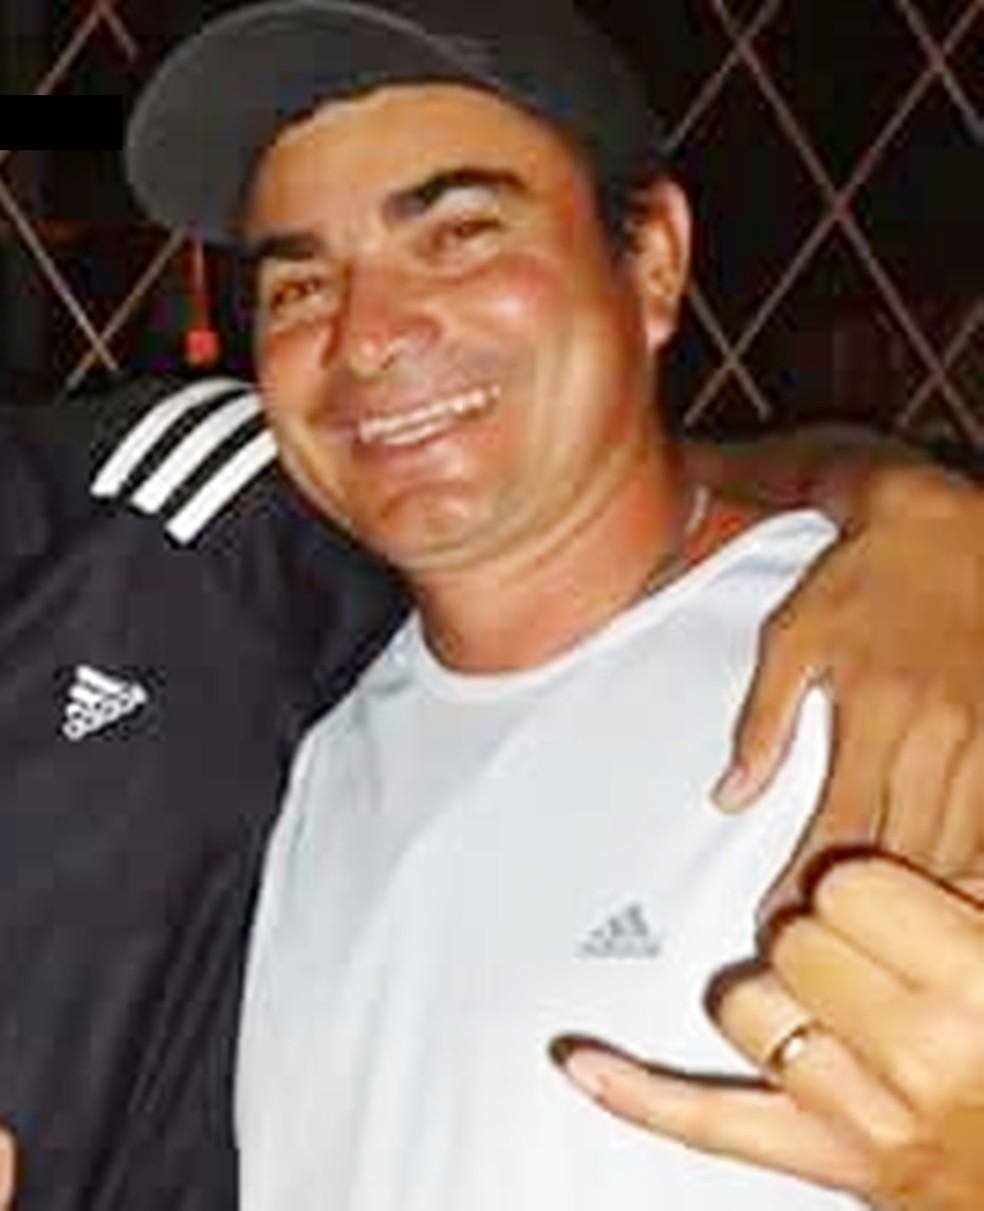 Marcondes trabalhava como pedreiro na construção da casa onde corpo foi encontrado (Foto: Polícia Civil/Divulgação)